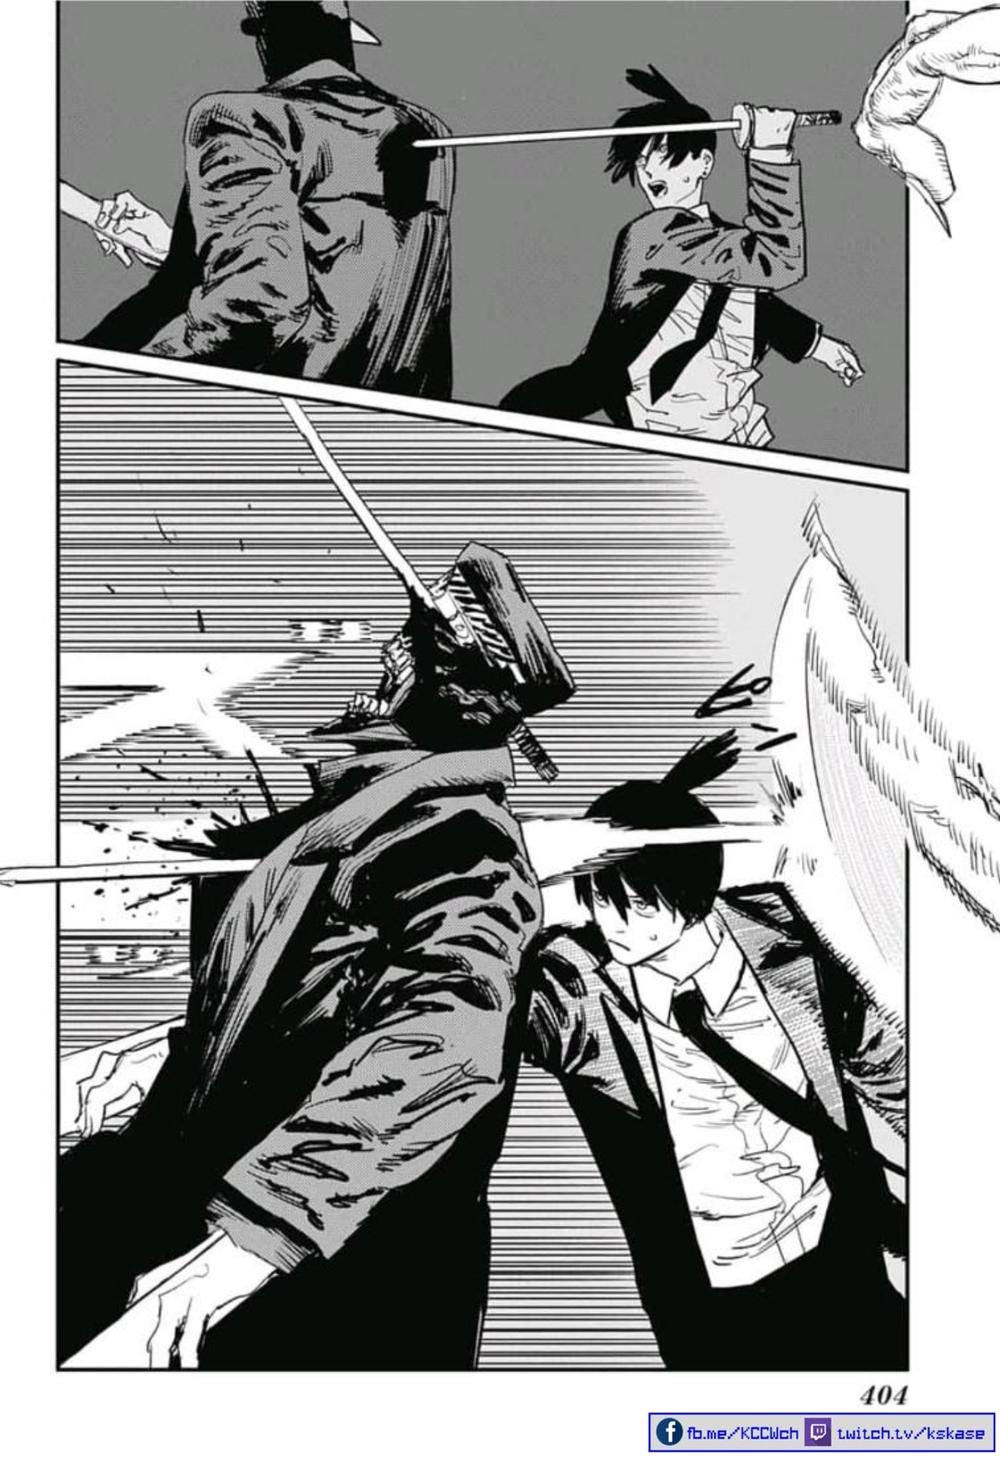 อ่านการ์ตูน Chainsaw Man ตอนที่ 24 หน้าที่ 4